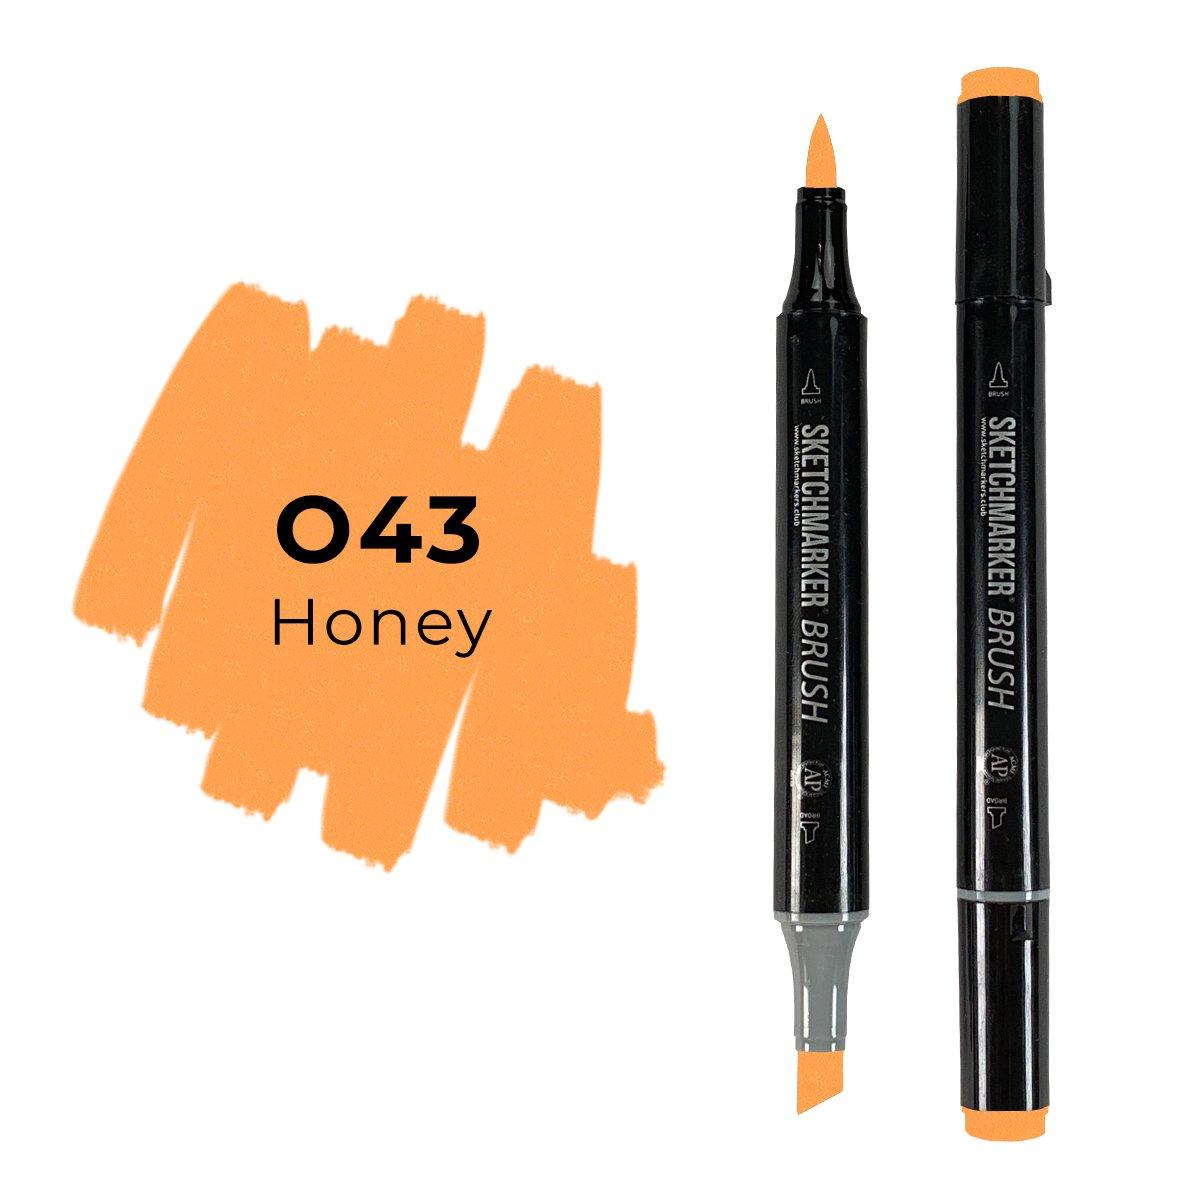 SKETCHMARKER BRUSH PRO Color: Honey